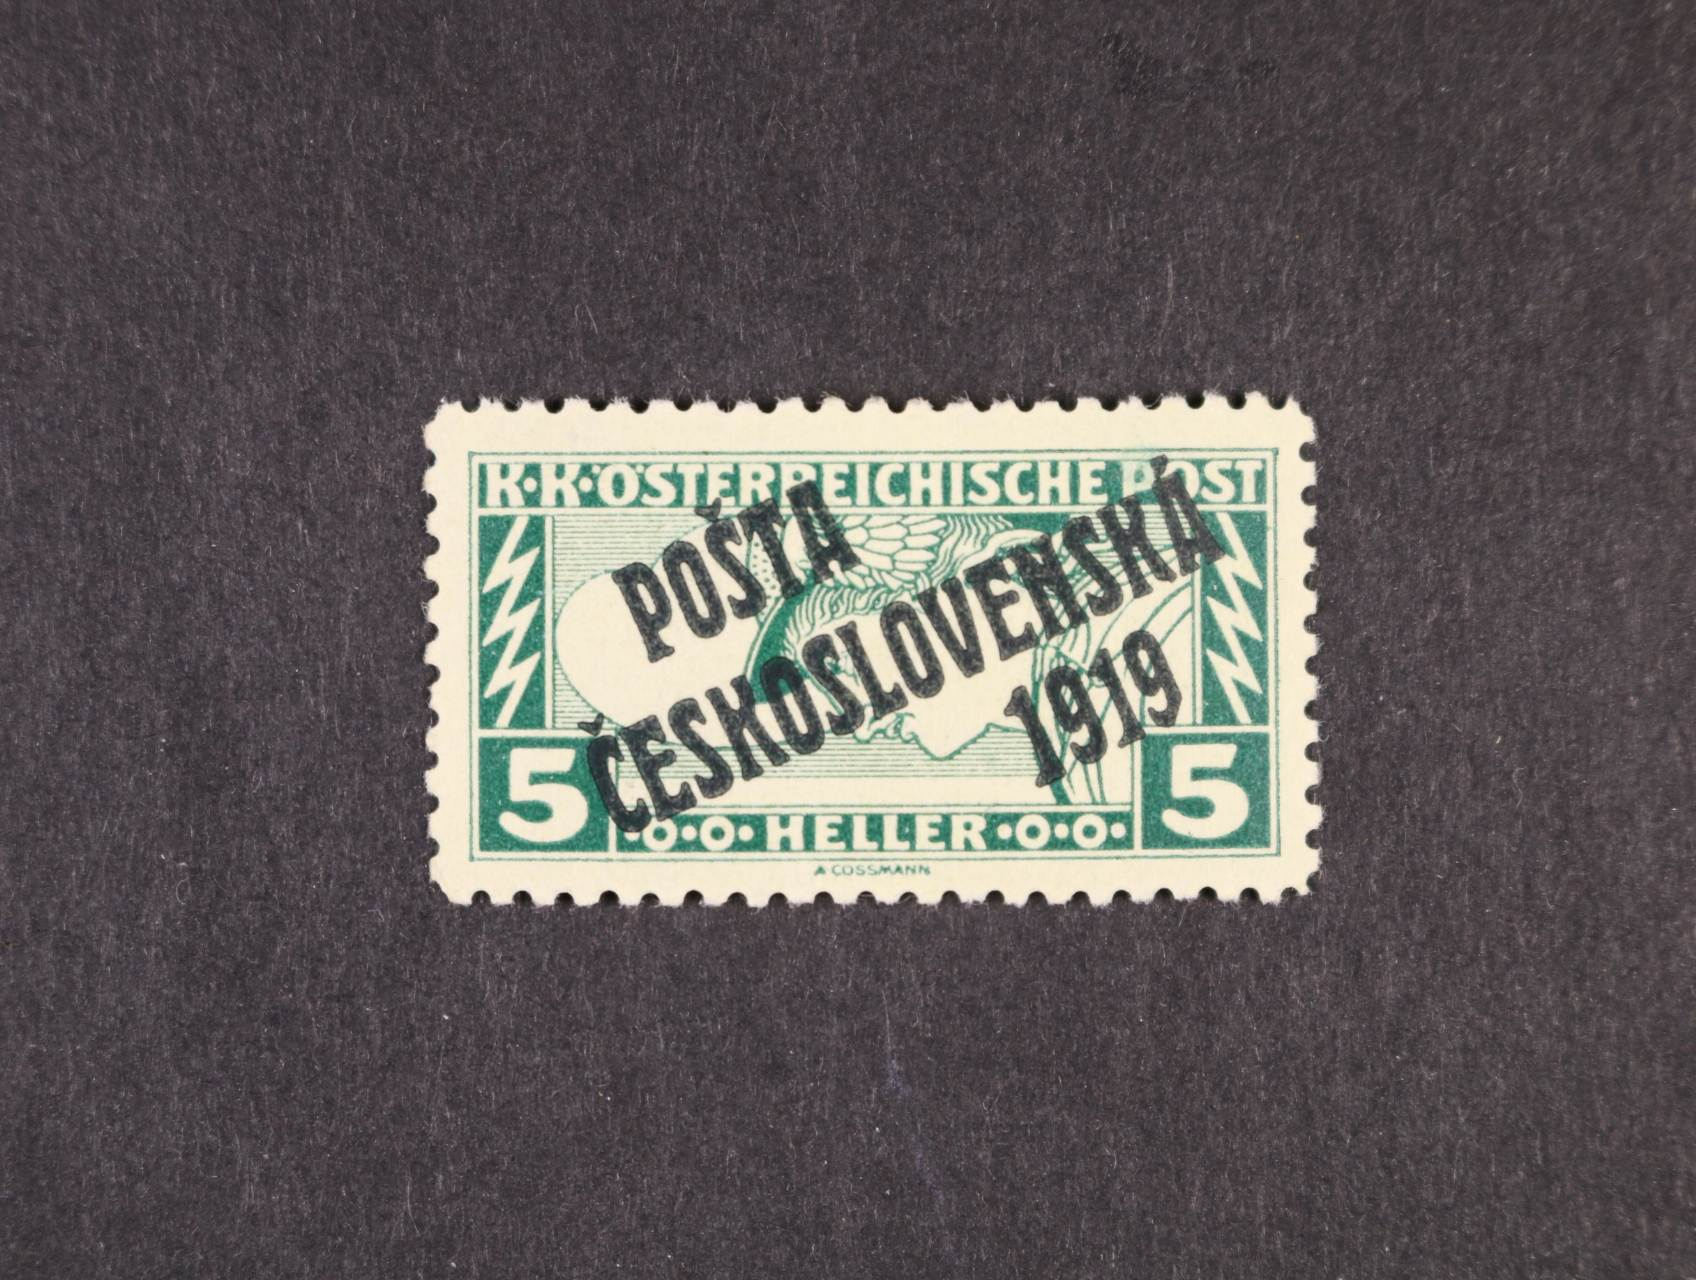 zn. č. 58 Bb, typ I, zelenočerný přetisk, zk. Stupka